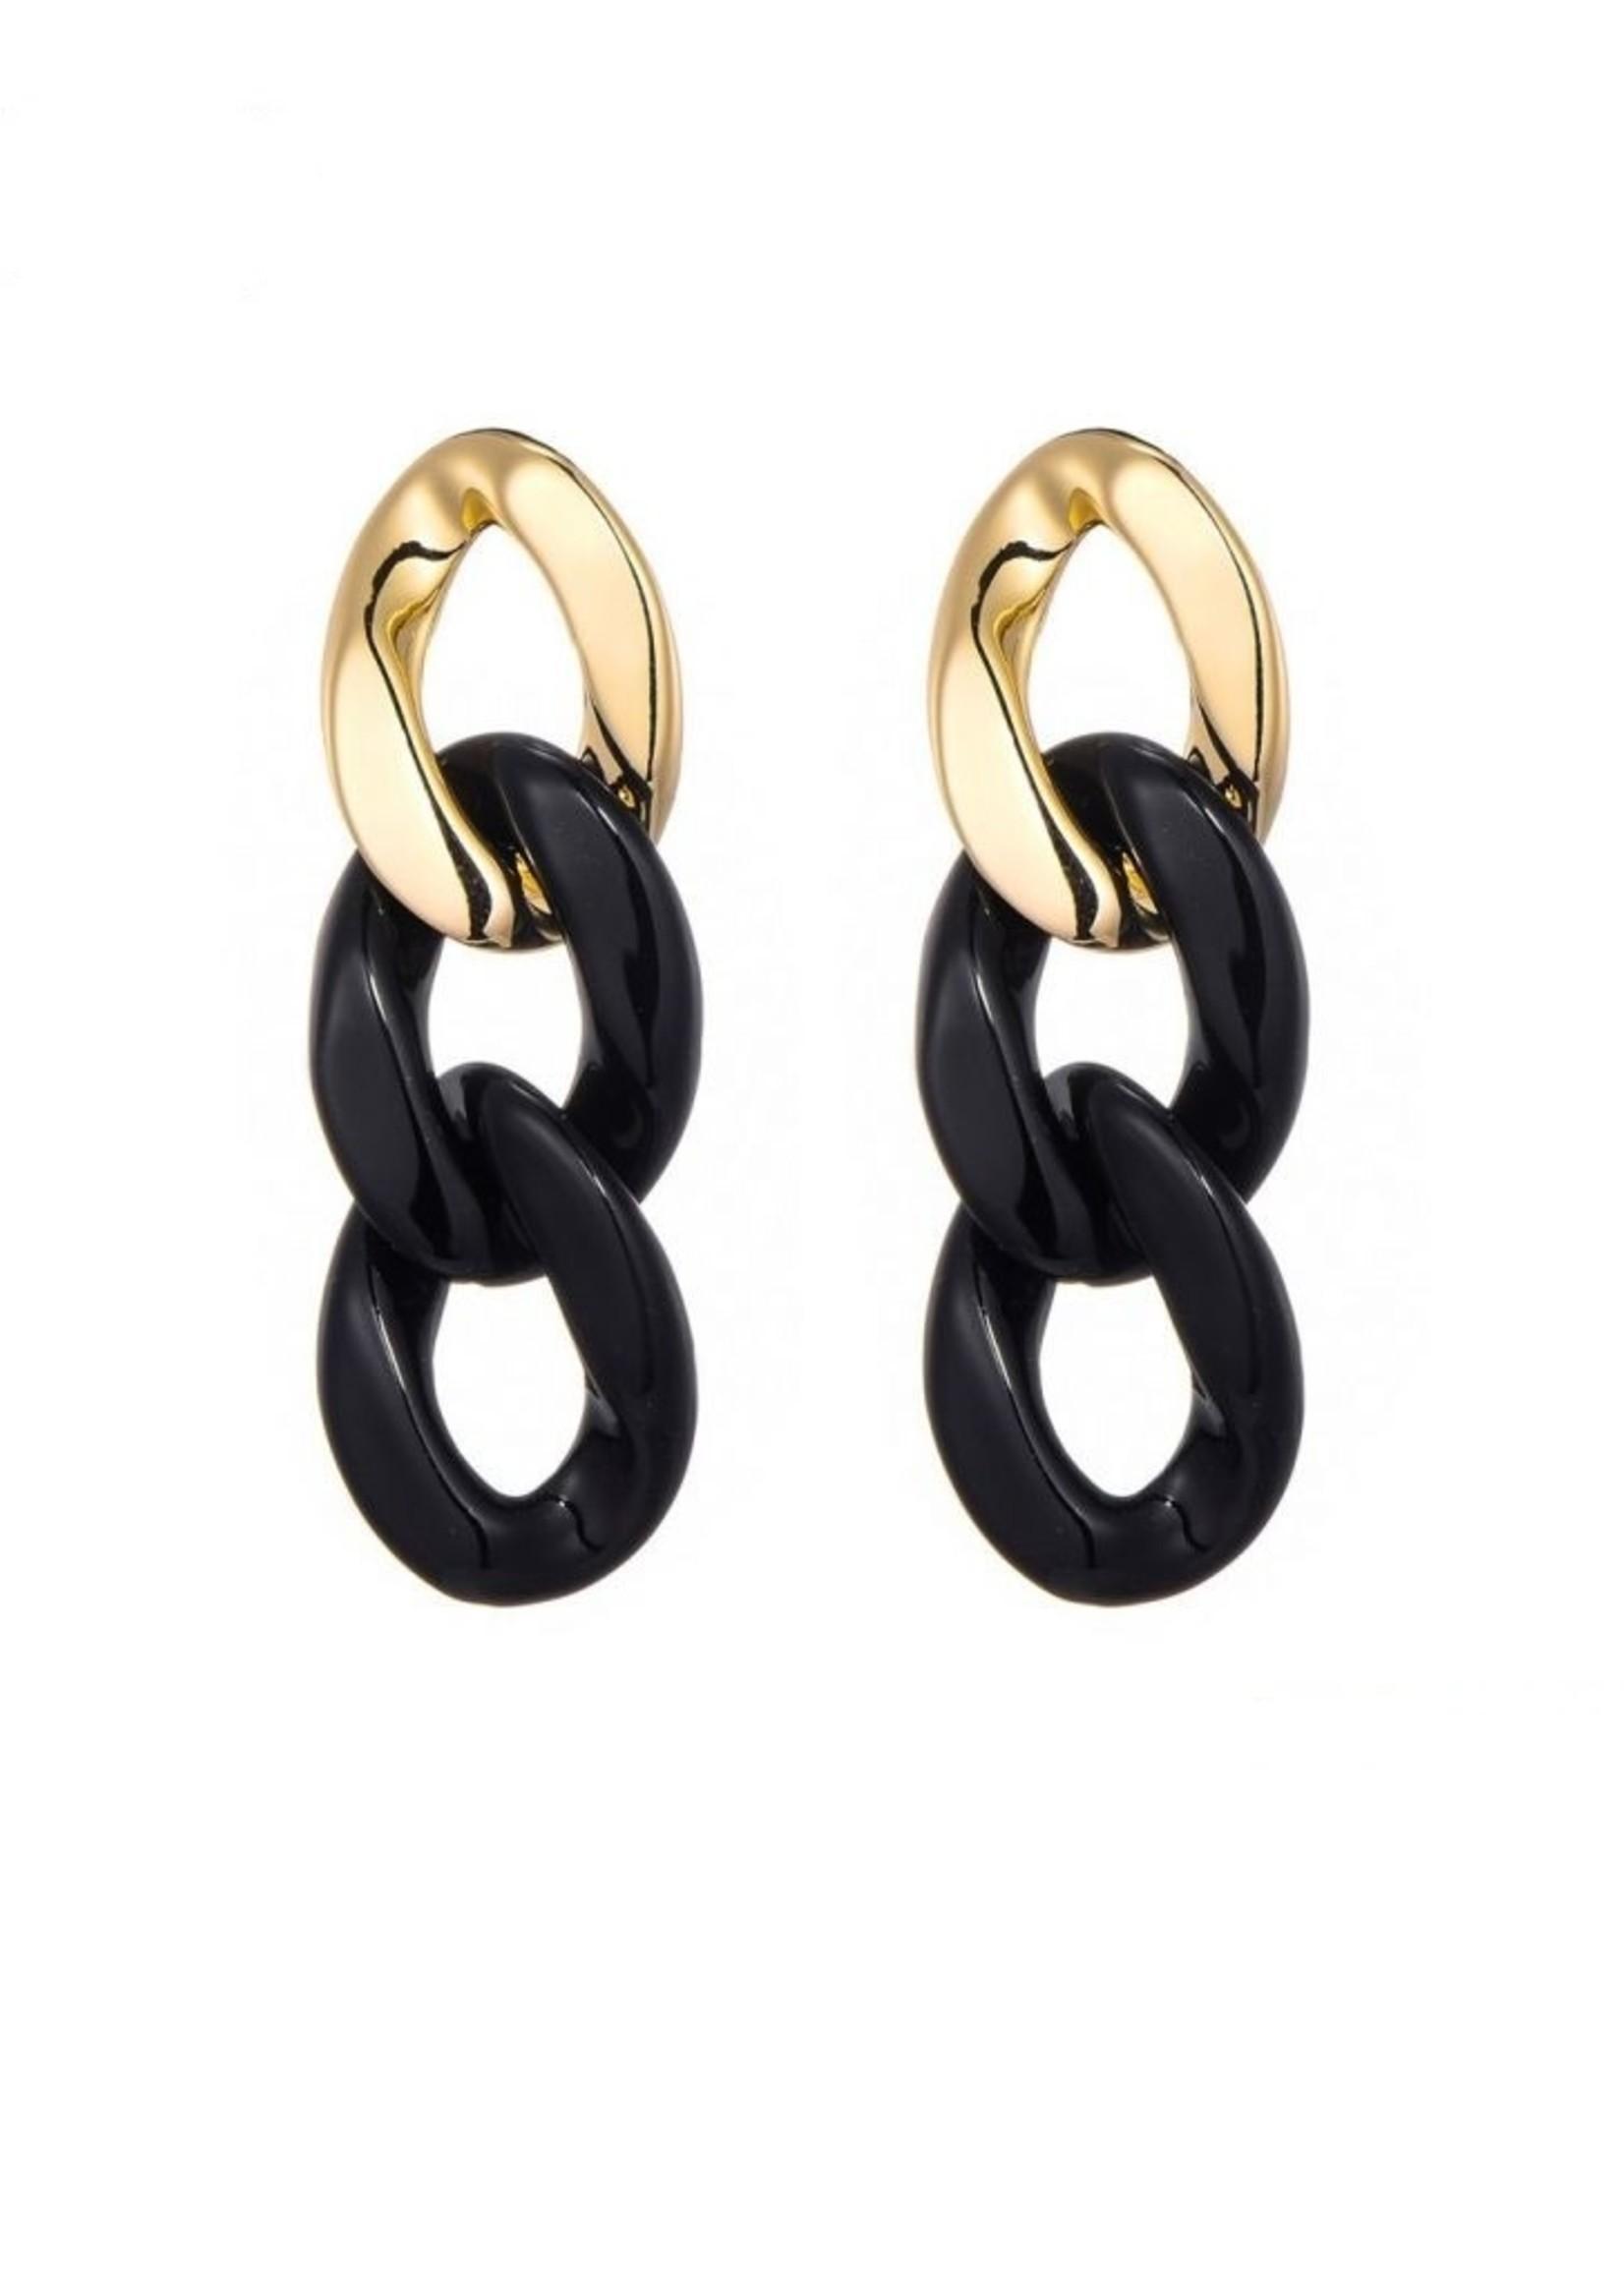 Oorbellen Golden Chain